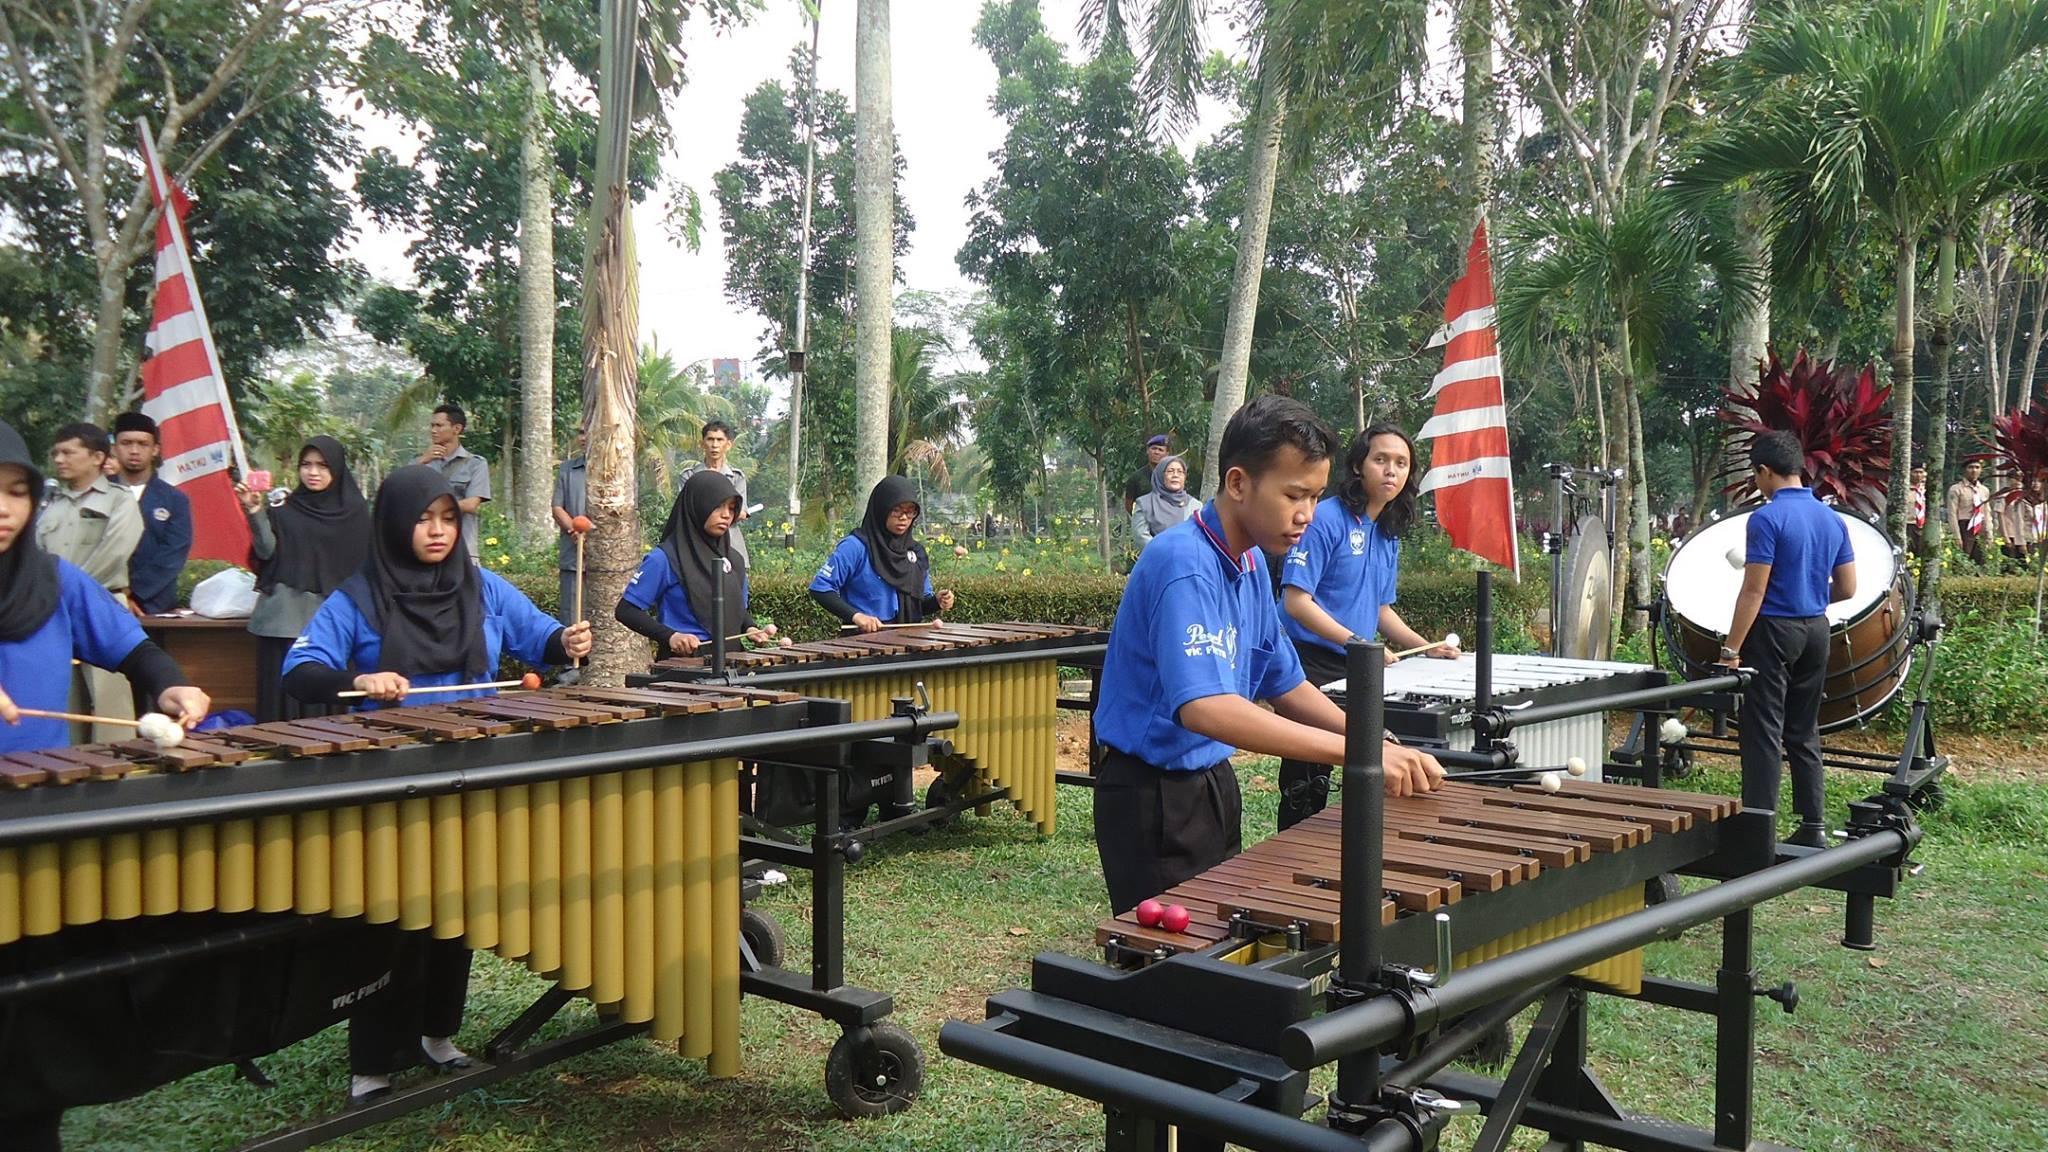 penampilan grup Blue Jacket saat acara penyambutan mahasiswa baru